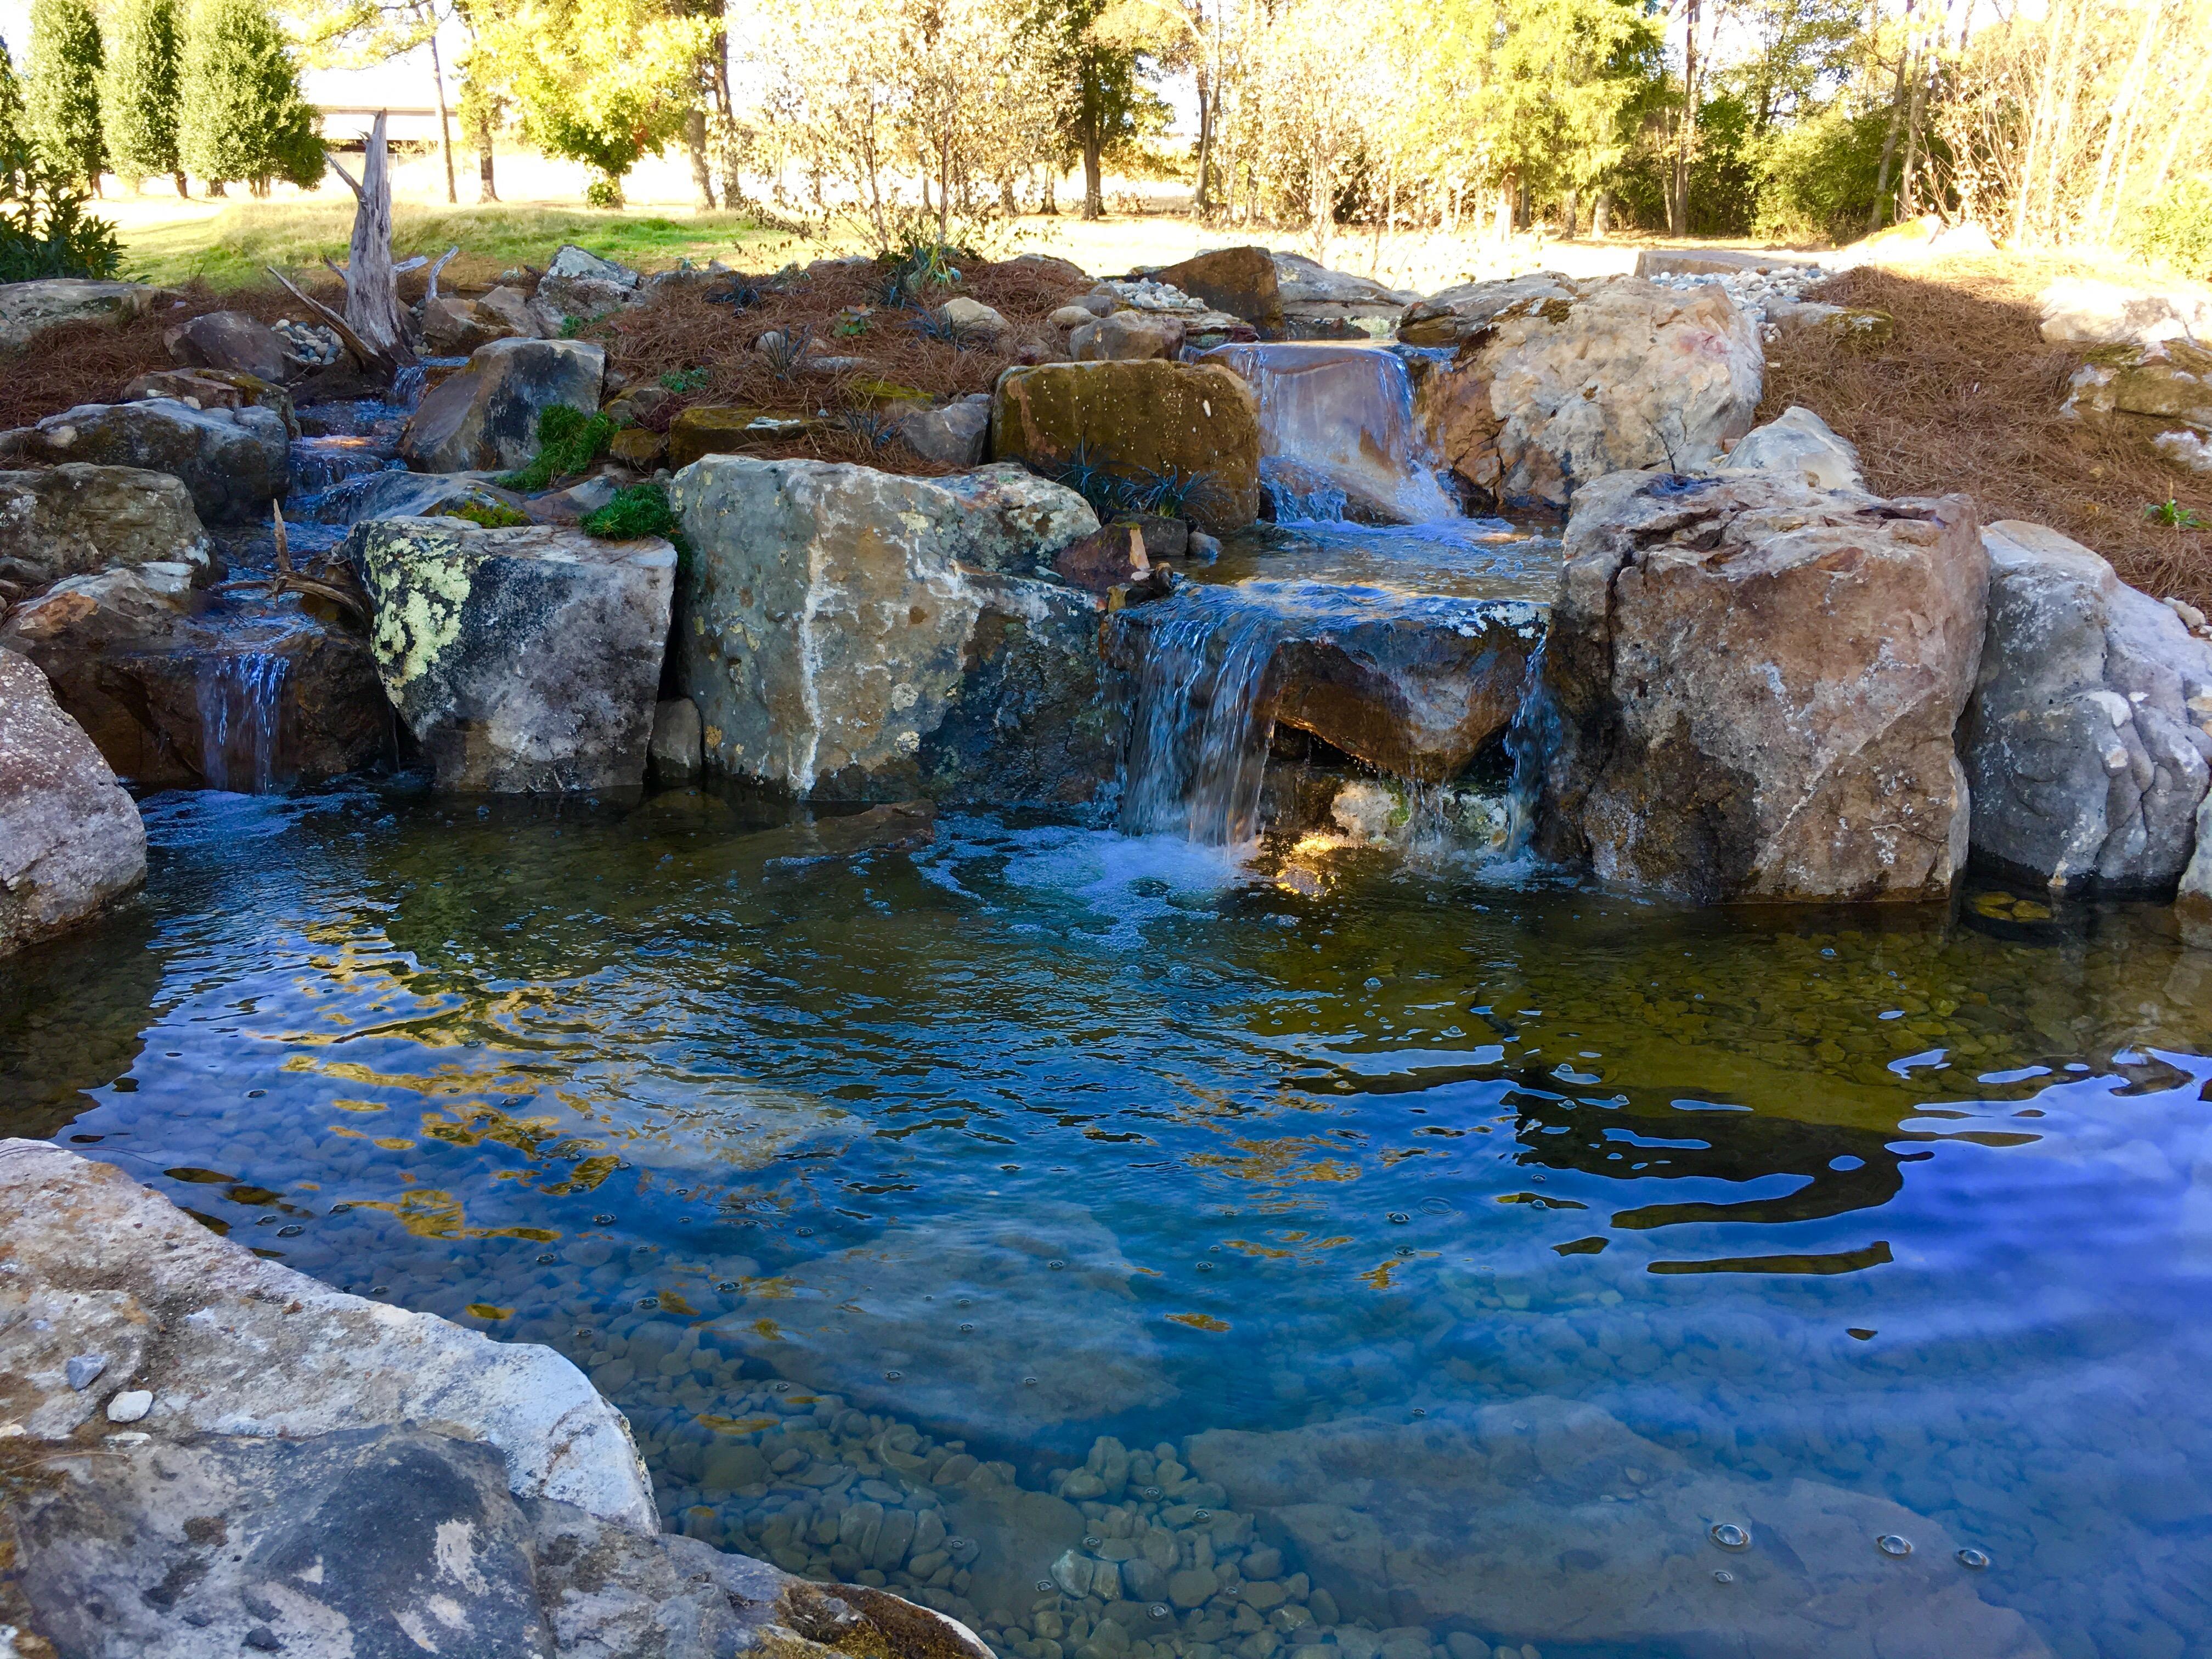 Ponds with Rocks